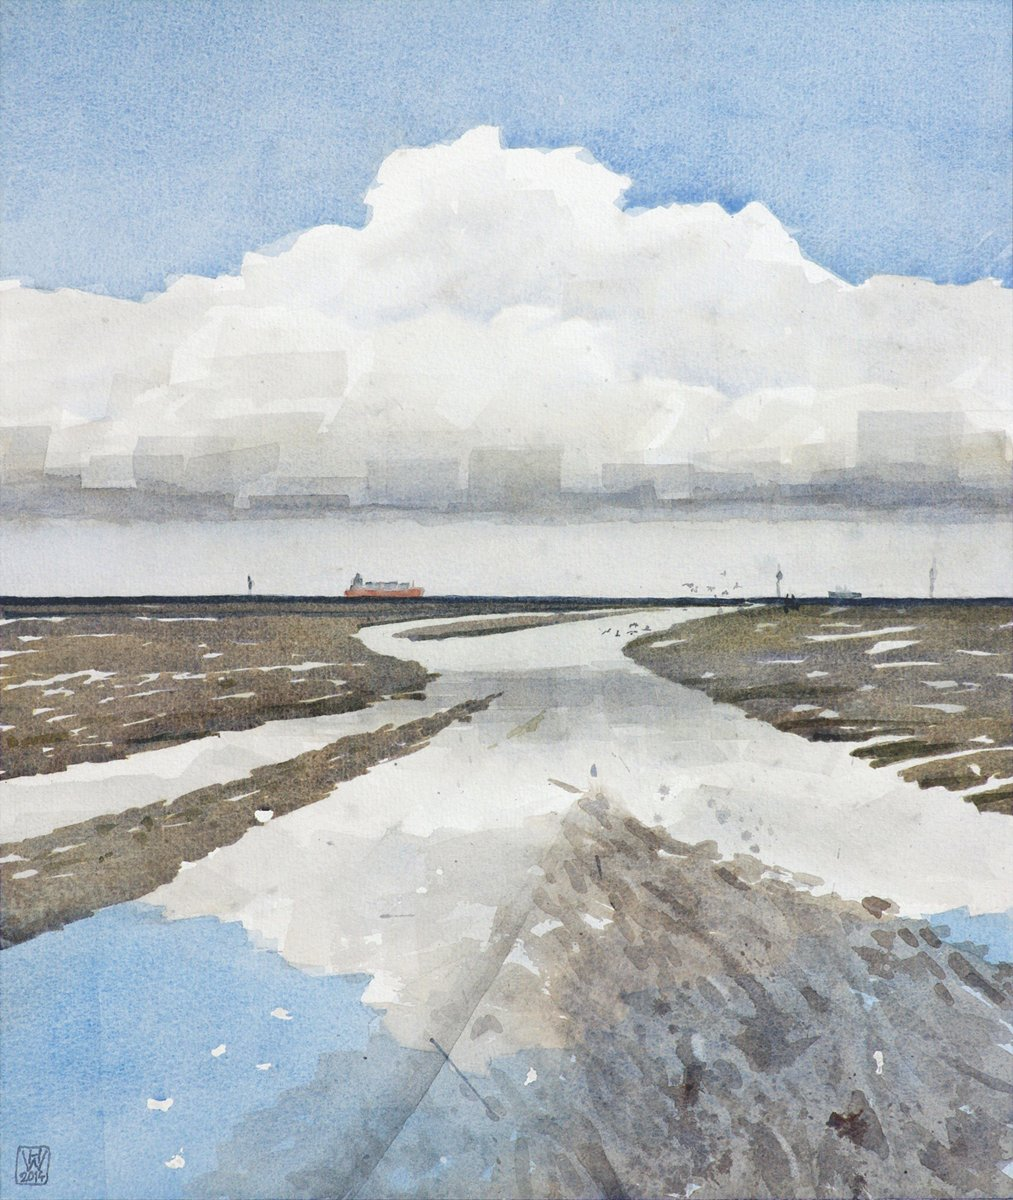 Watt, Cuxhaven-Duhnen - Aquarell  44x37 cm